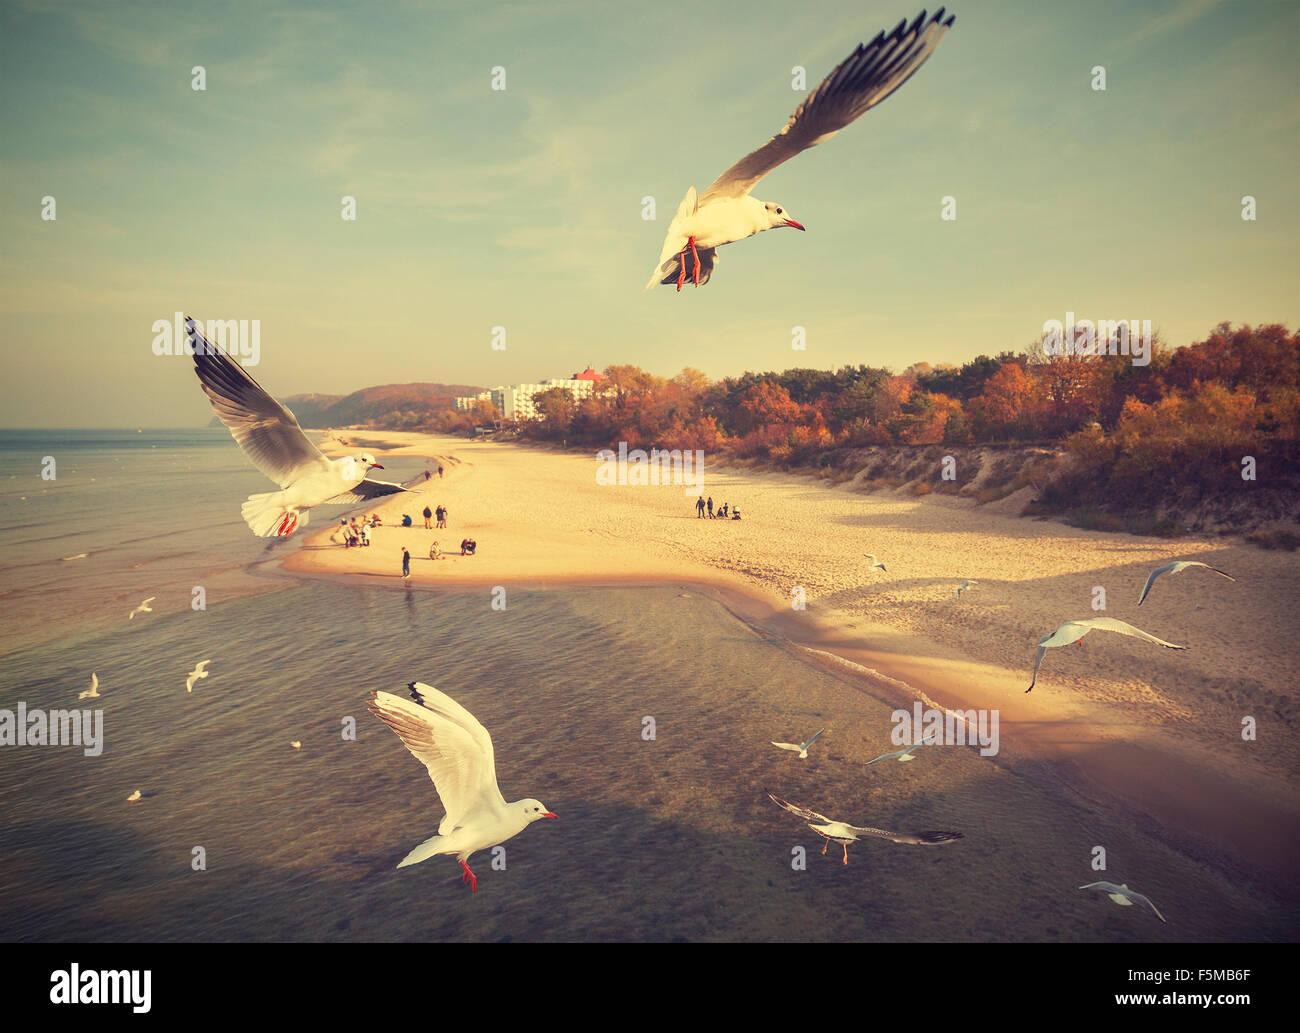 Retro Vintage Oiseaux stylisés au-dessus d'une plage, de la mer Baltique, la Pologne. Photo Stock